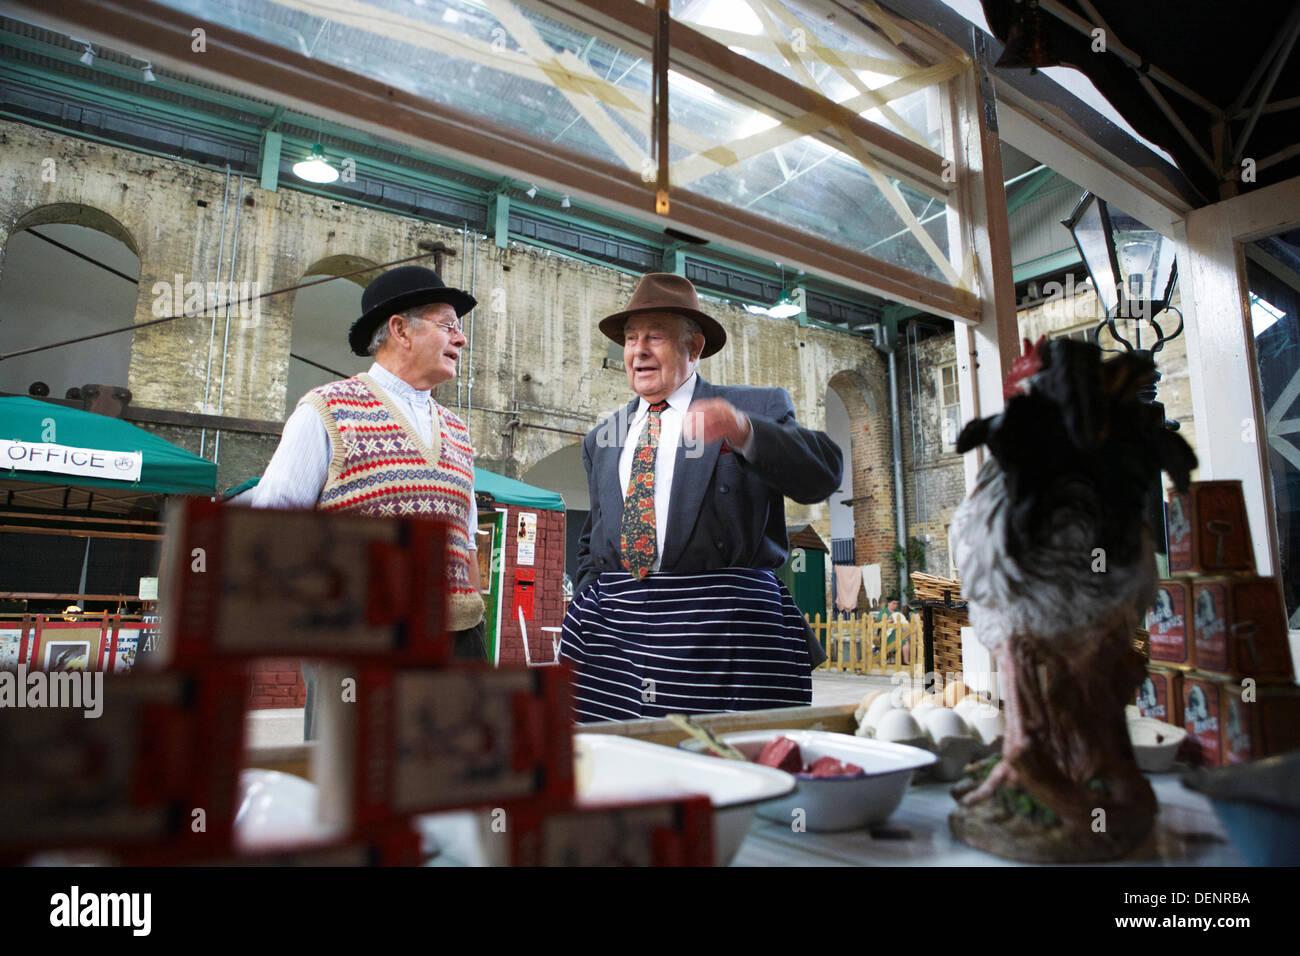 Chatham, UK. 21. September 2013. Gruß an die 40 - Großbritanniens 1940er Heimatfront Veranstaltung im Historic Dockyard Chatham. Markthändler sprechen. Stockbild